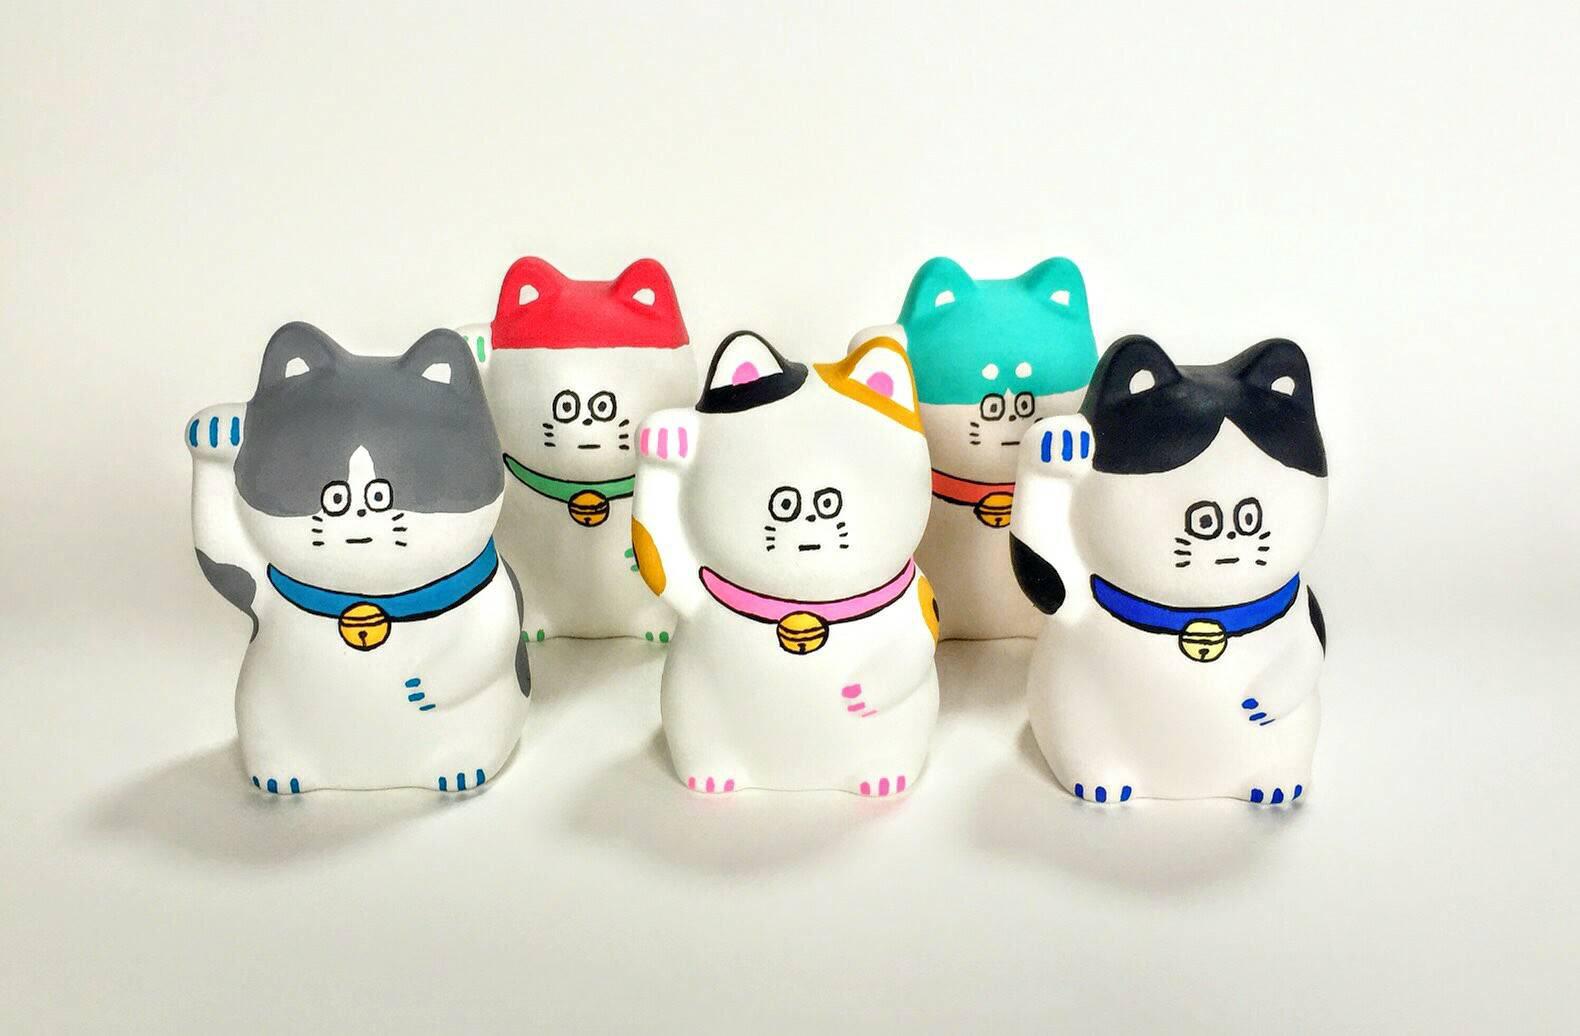 アーティスト・松岡マサタカさんとコレボレーションして制作したまねき猫